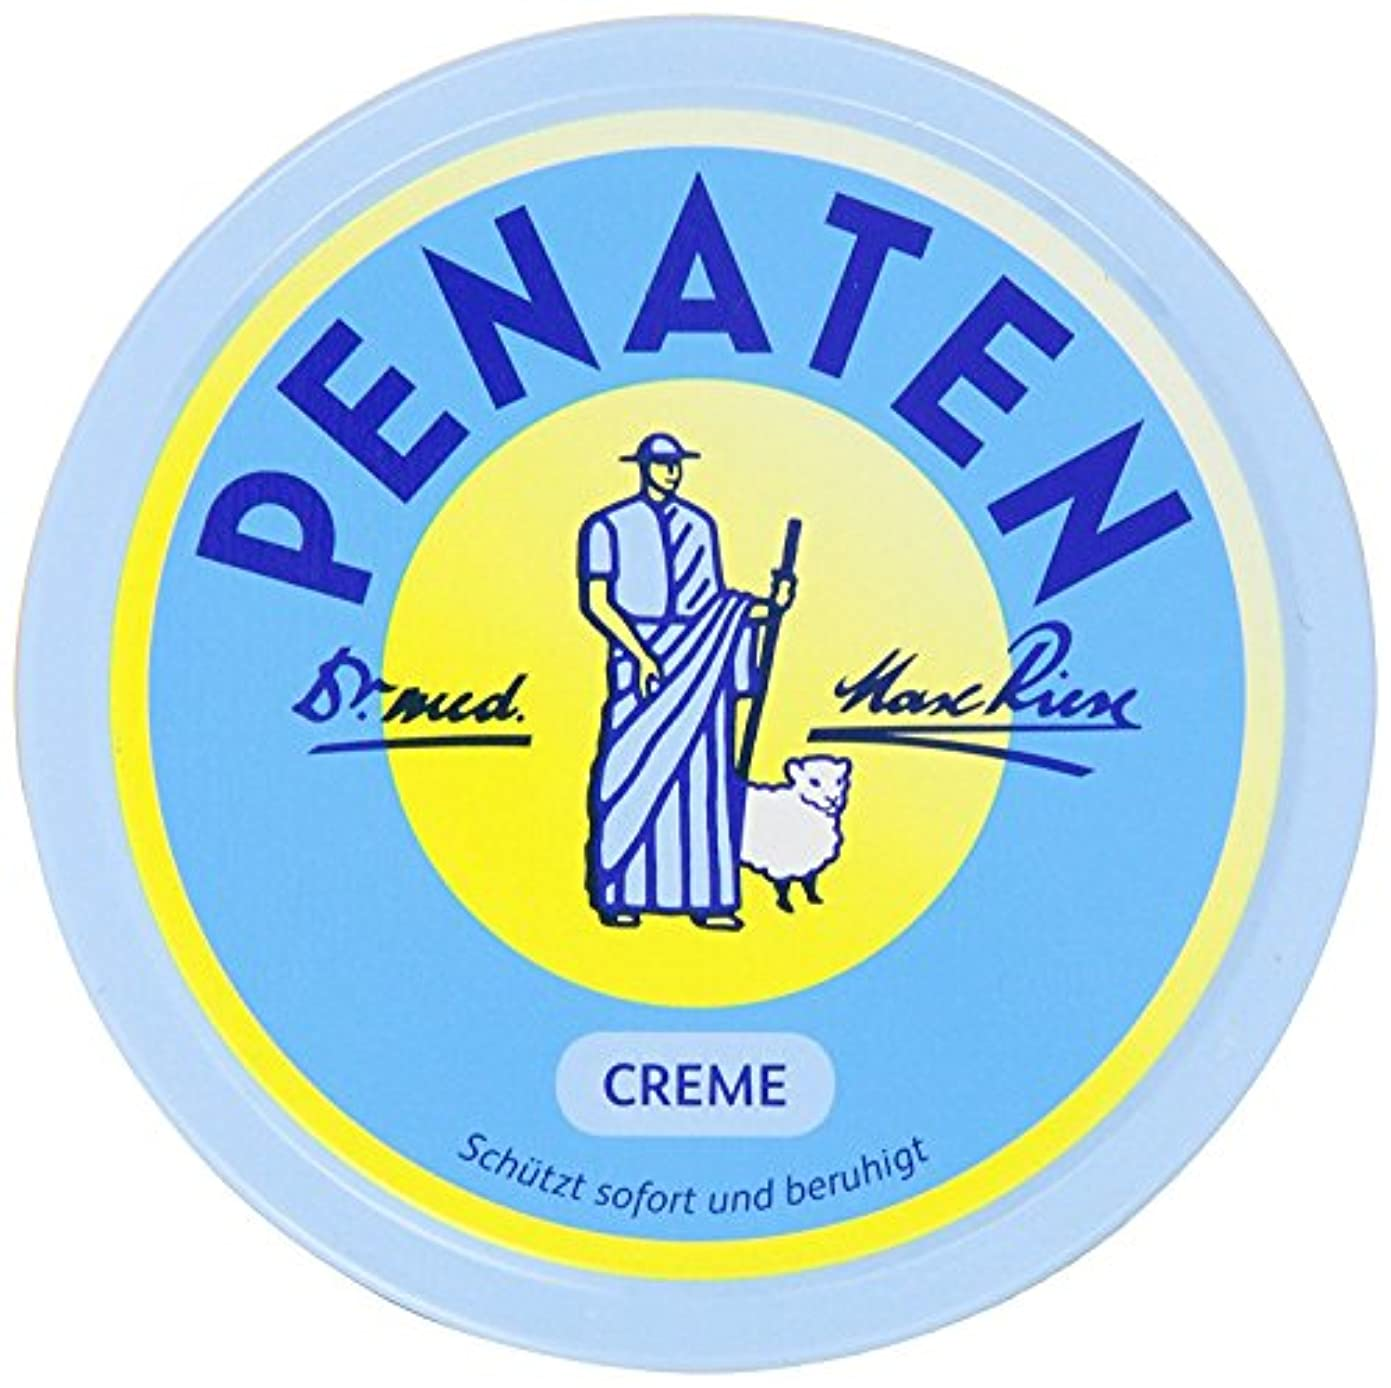 形容詞スラム街収縮(ペナテン) Penaten Baby Creme 150 ml, 3er Pack (3 x 150 ml) (並行輸入品) shumaman